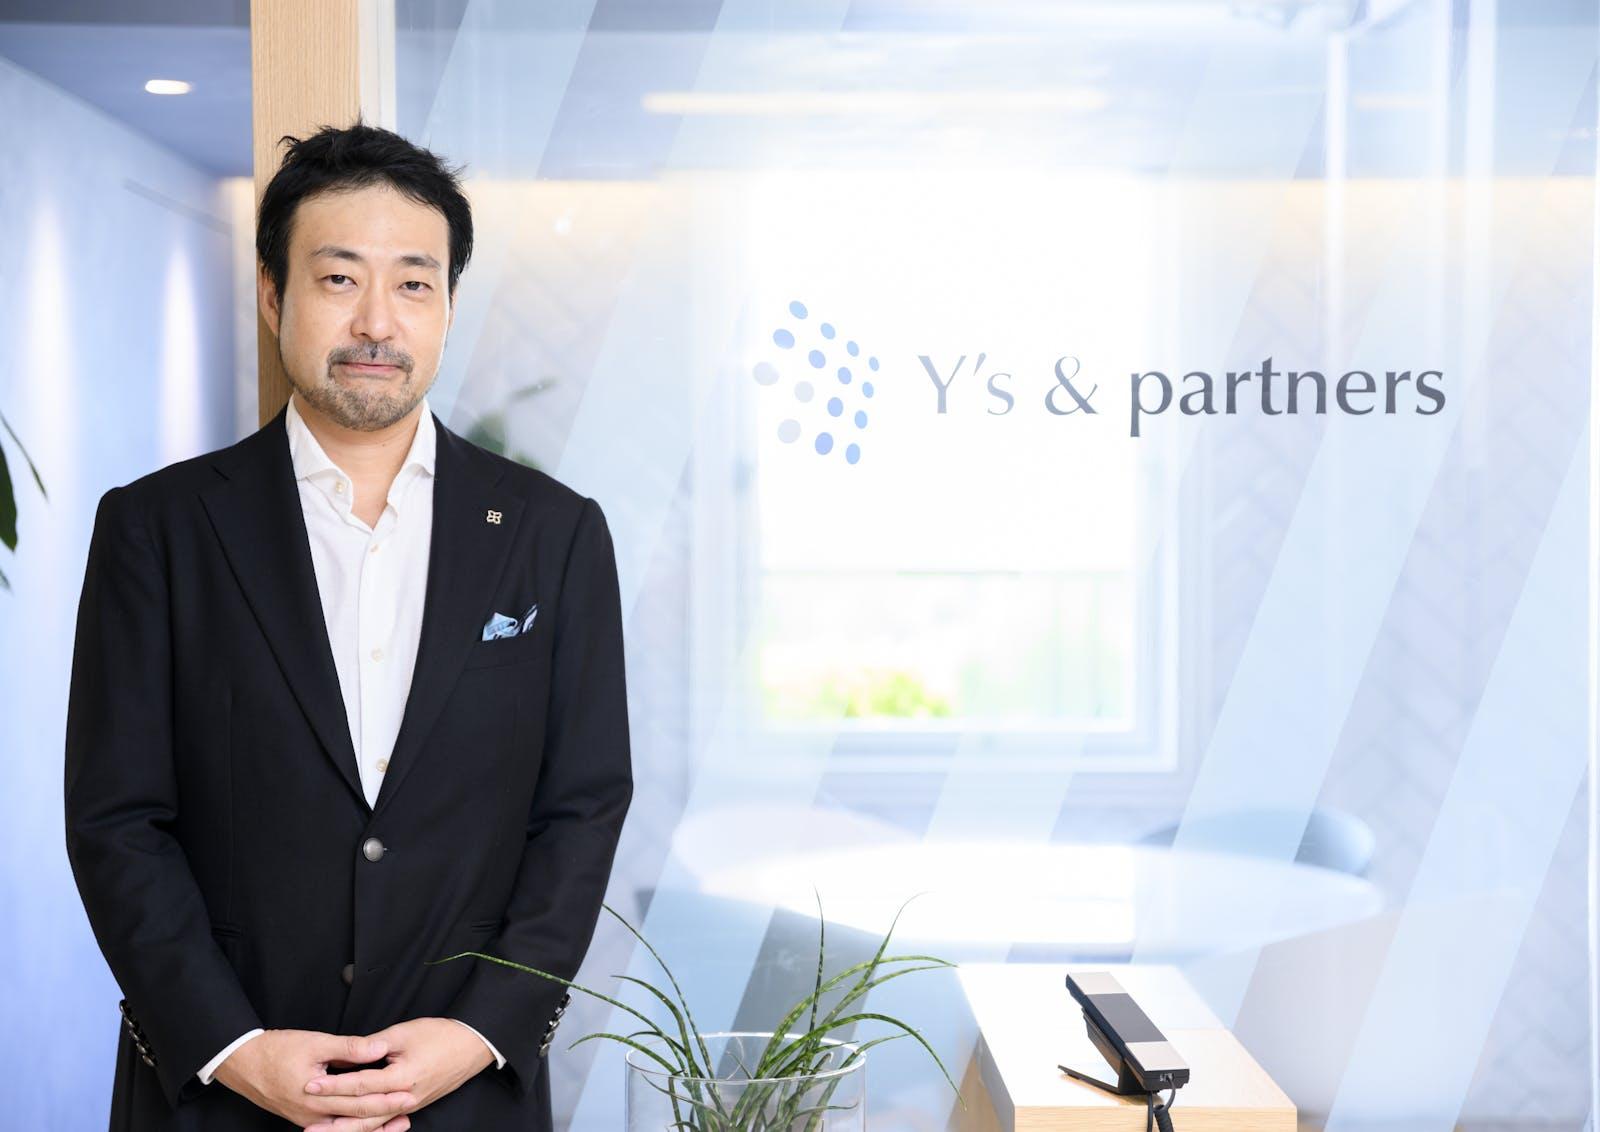 株式会社Y's & partnersのアイキャッチ画像